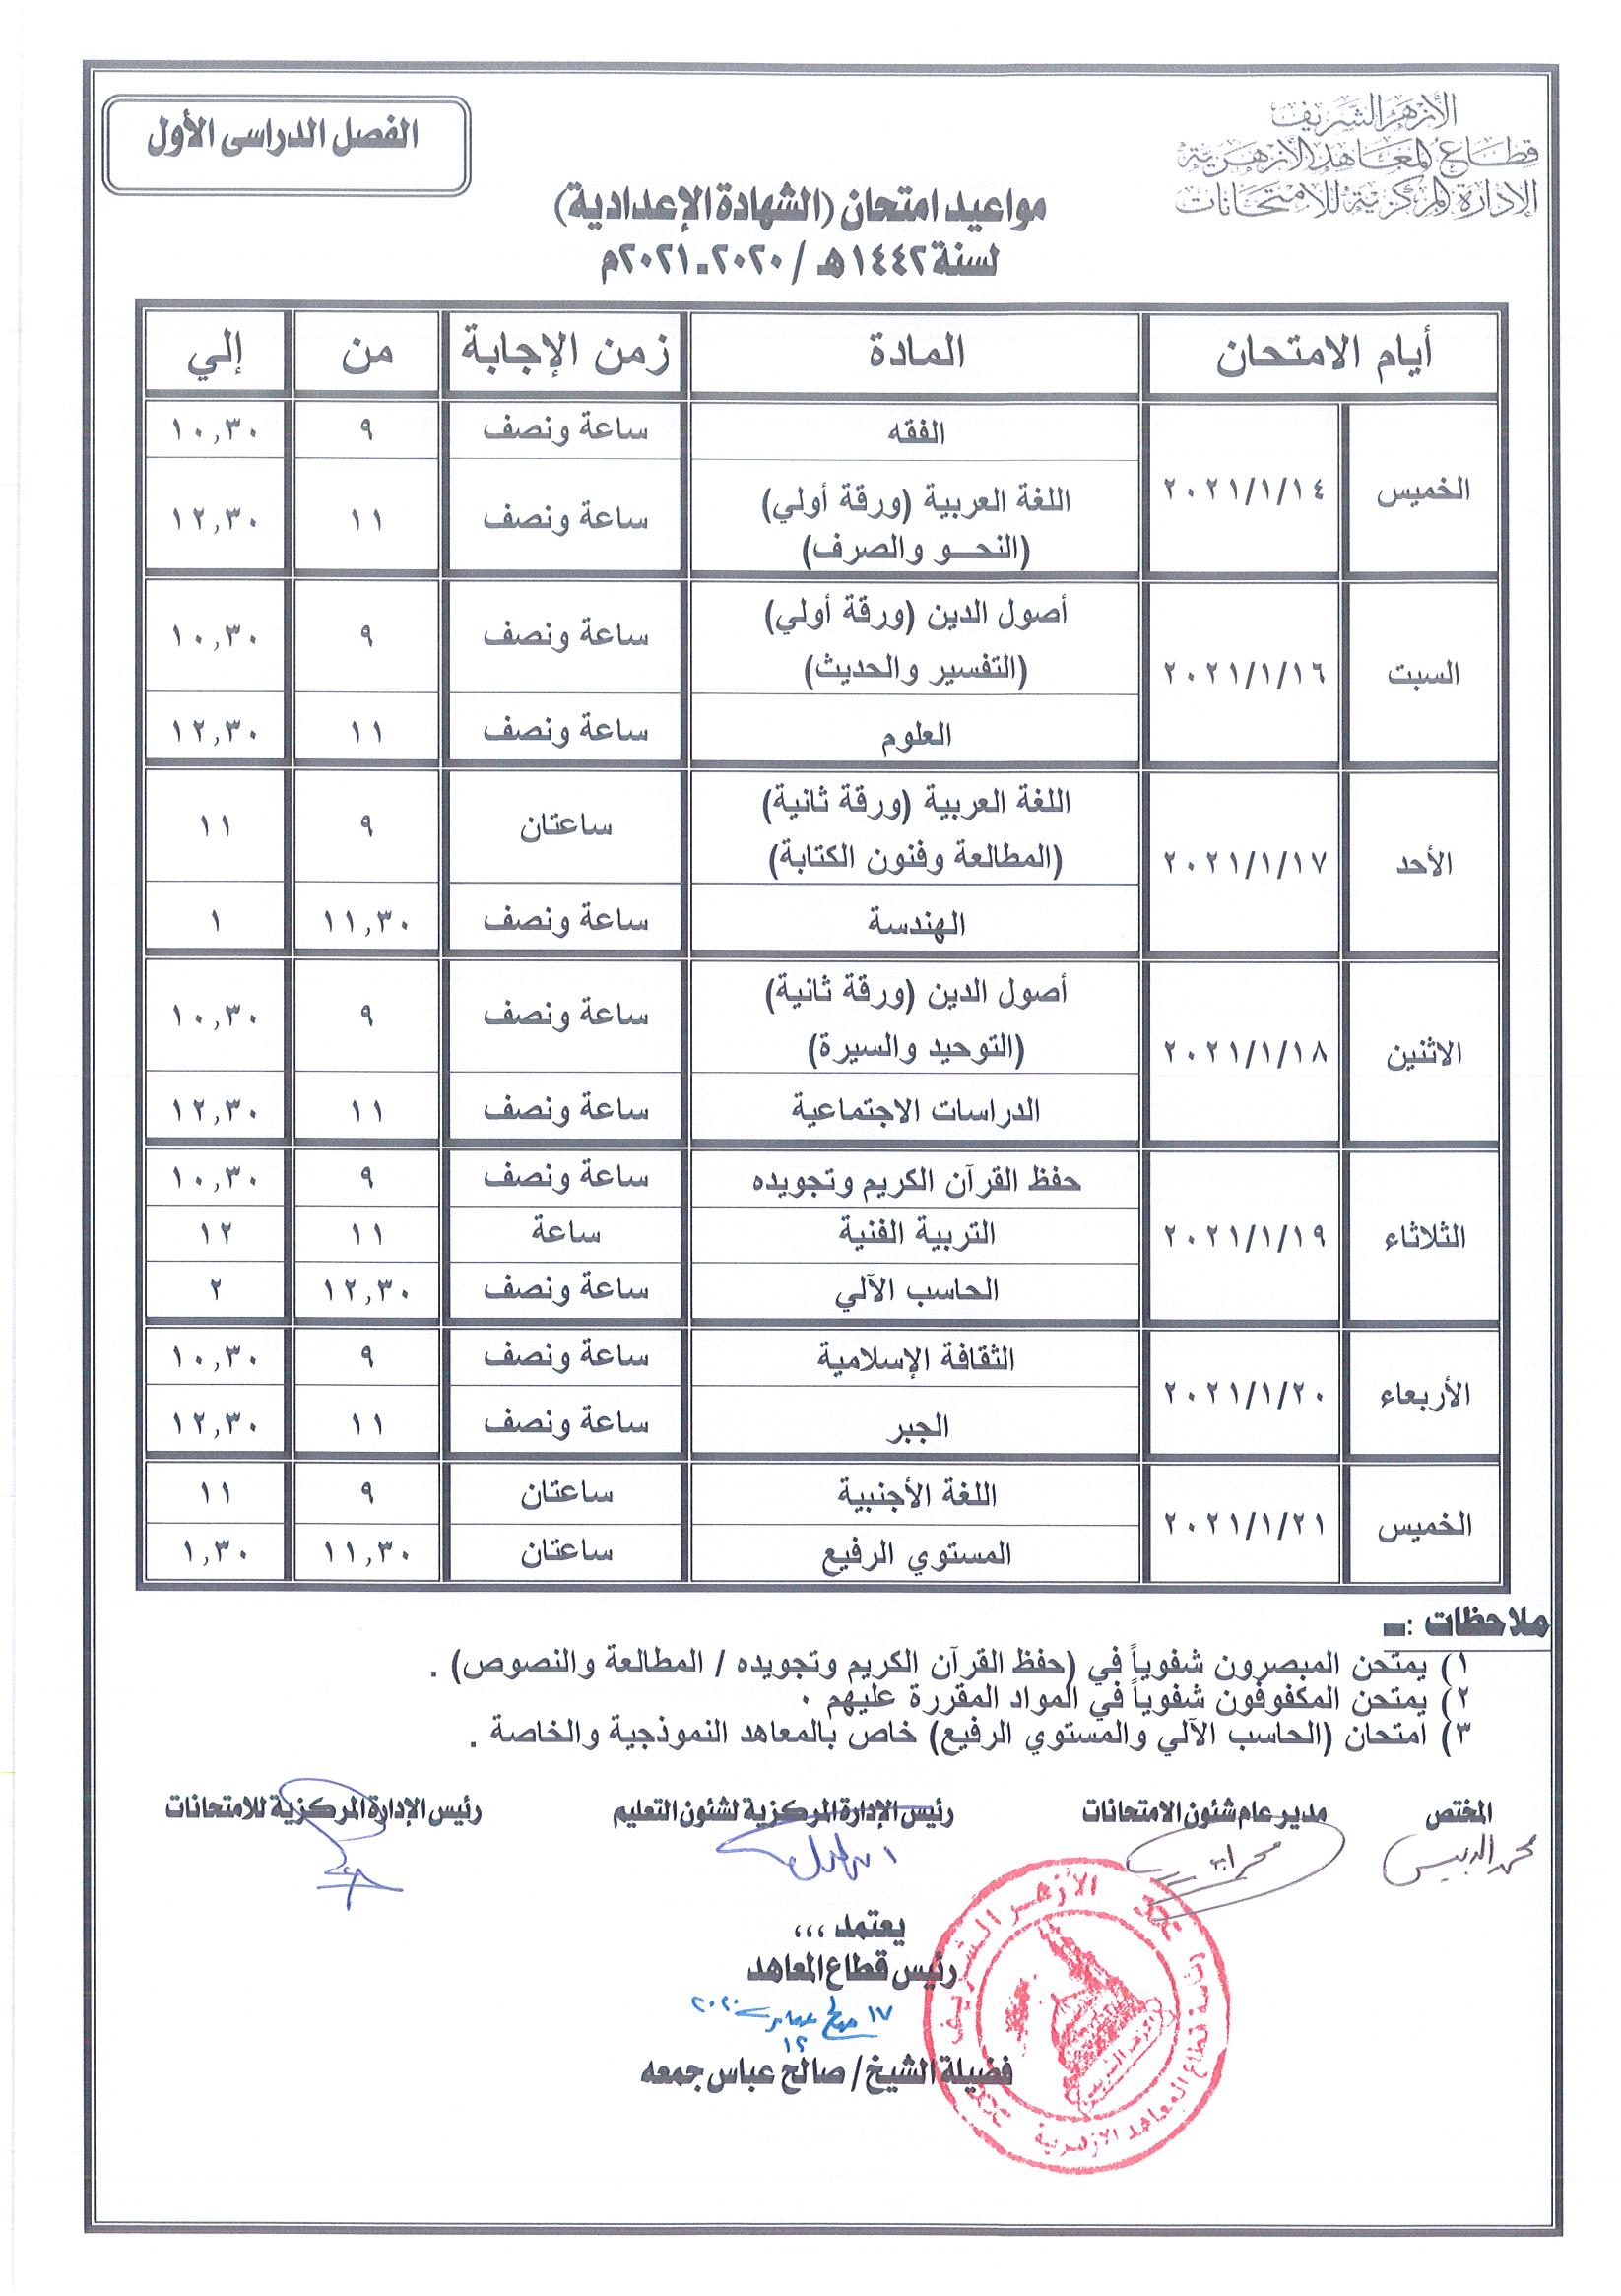 جداول مواعيد امتحانات صفوف النقل والشهادتين الابتدائية والإعدادية لقطاع المعاهد الأزهرية